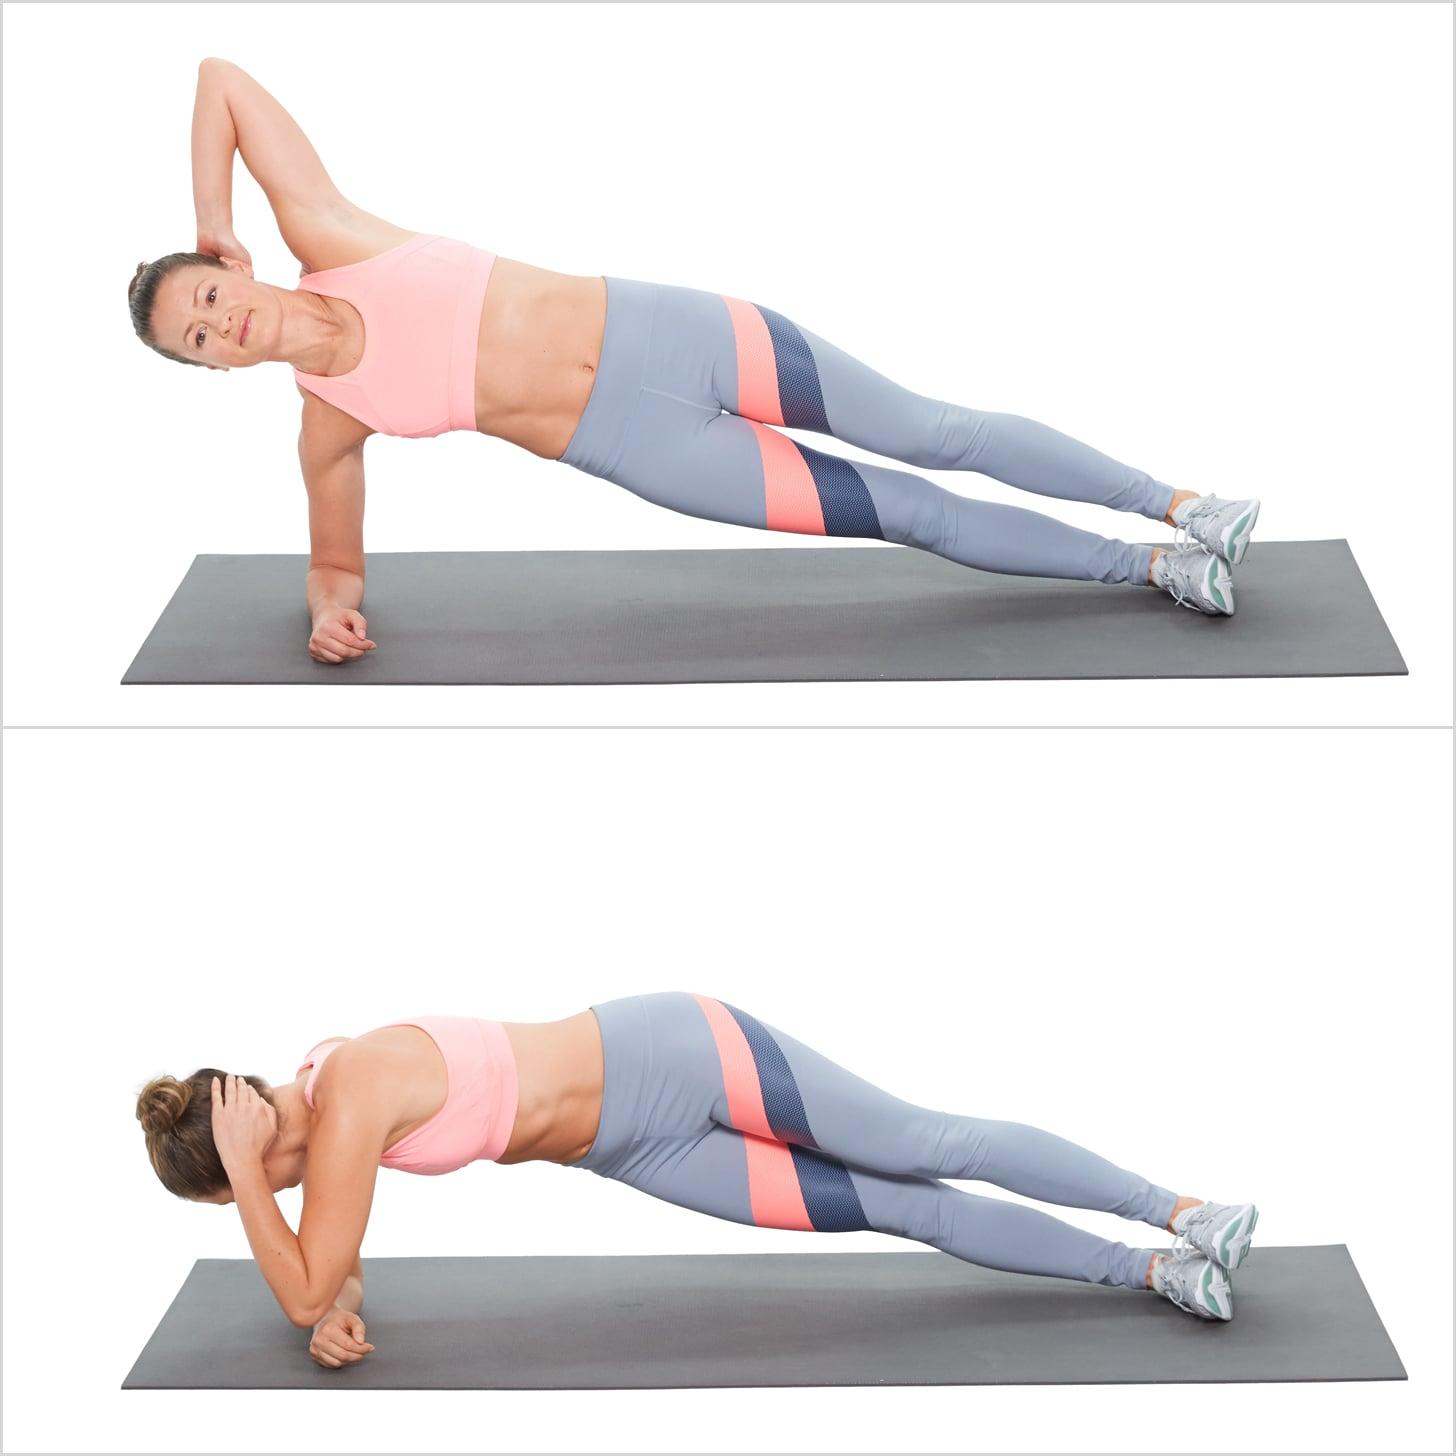 cách tập cơ bụng tại nhà với Elbow plank